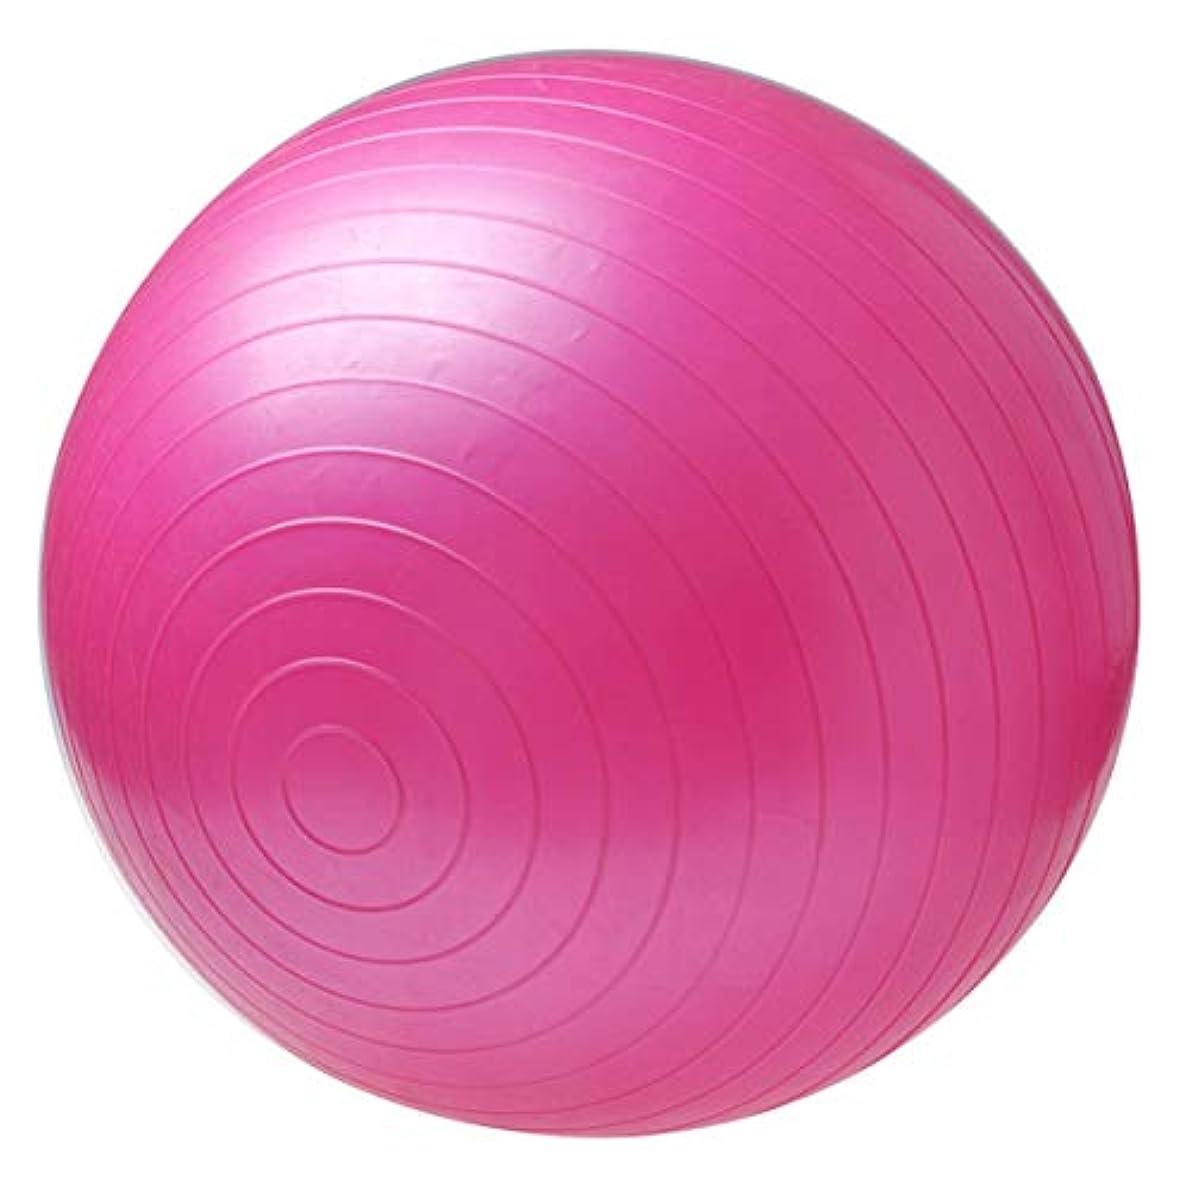 飢えたヒギンズ系譜非毒性スポーツヨガボールボラピラティスフィットネスジムバランスフィットボールエクササイズピラティスワークアウトマッサージボール - ピンク75センチ